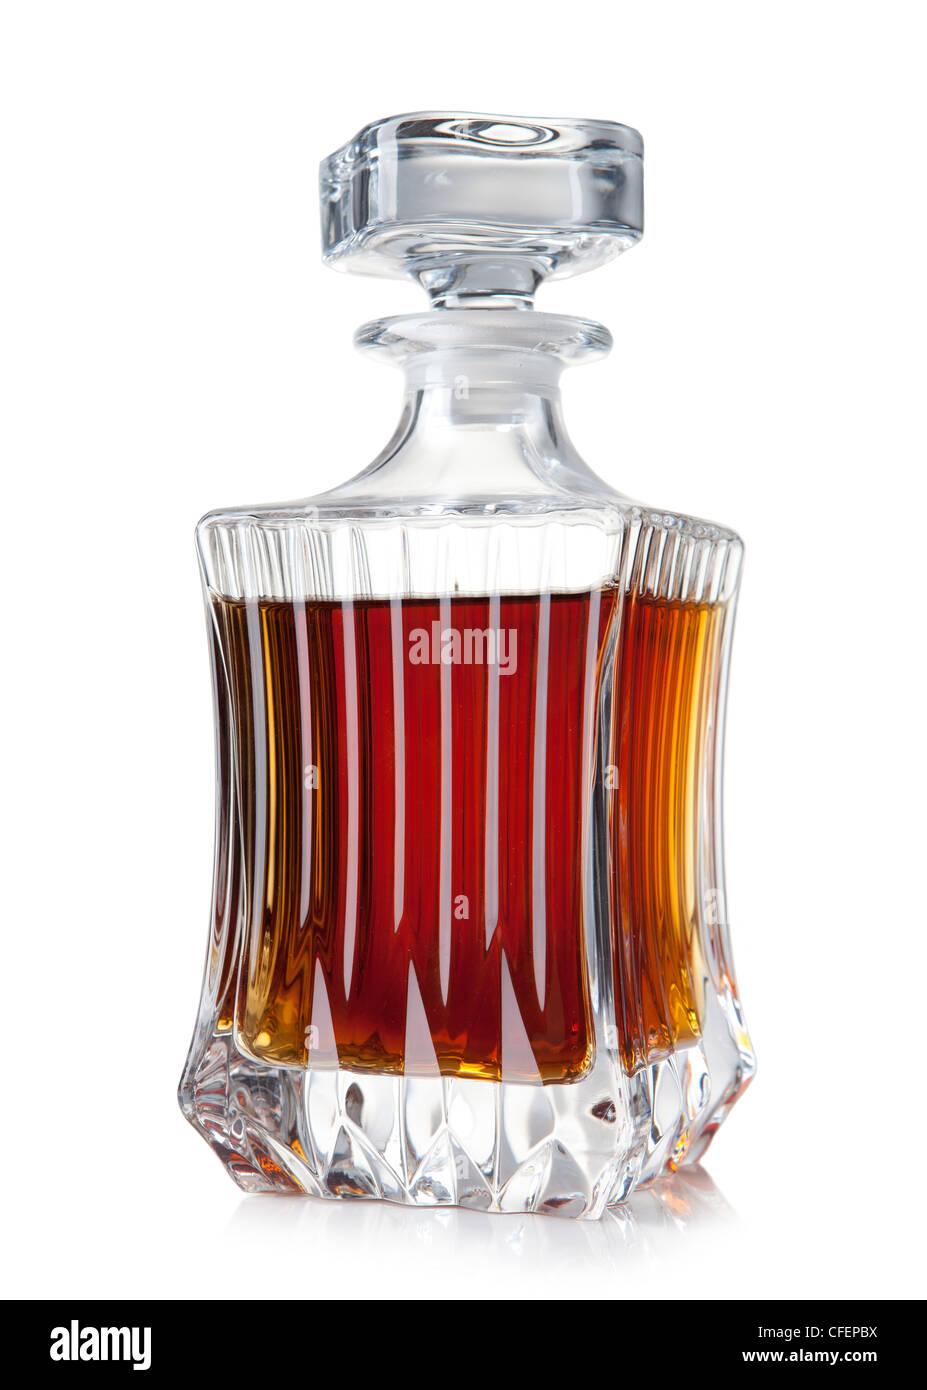 decanter of brandy Stock Photo